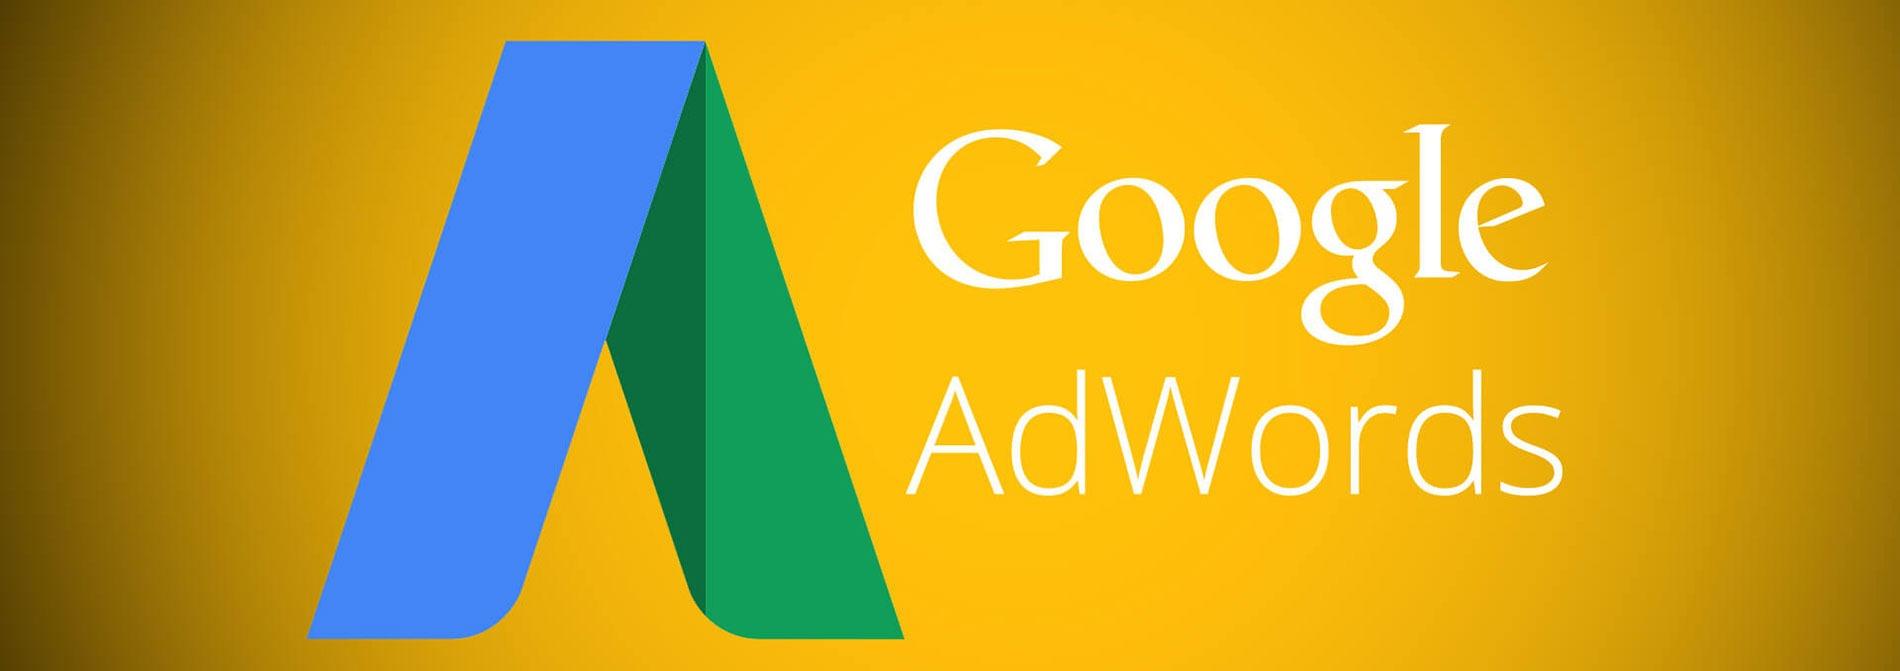 التسويق باستخدام جوجل ادوردز